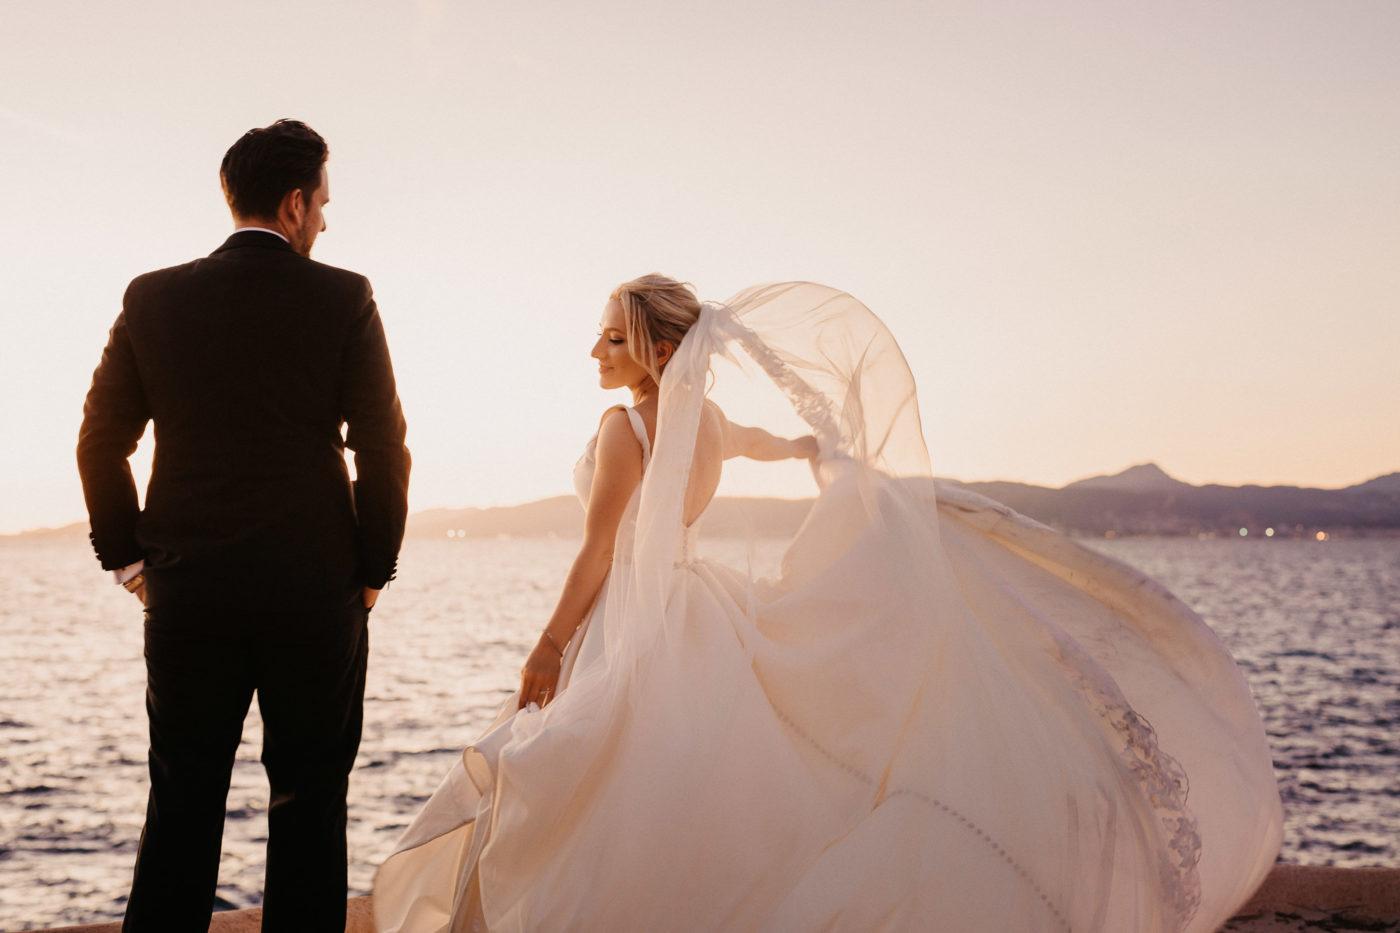 Das Brautpaar am Meer mit eine brise Wind im Brautkleid